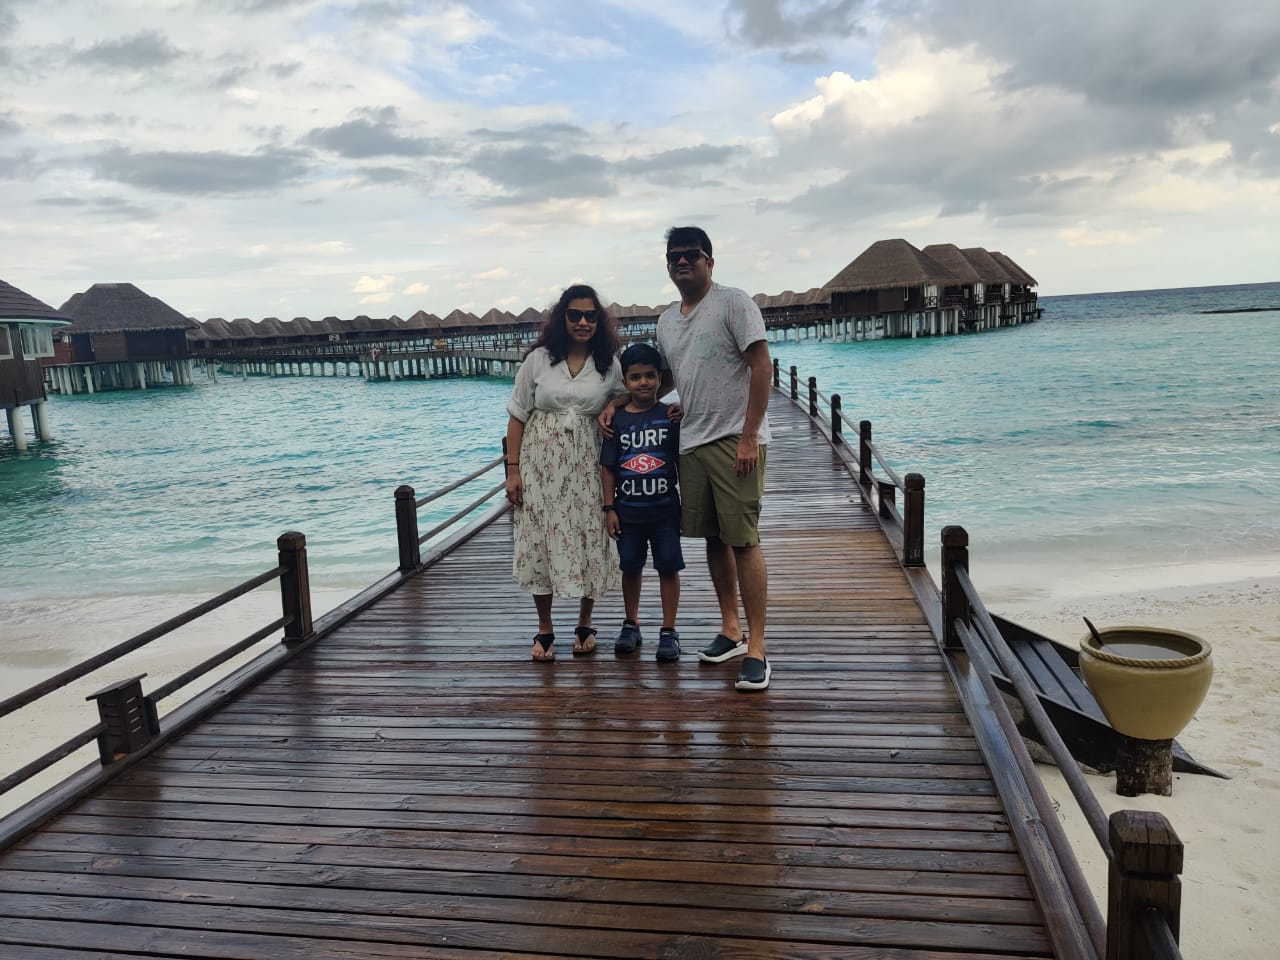 Family holiday to Maldives